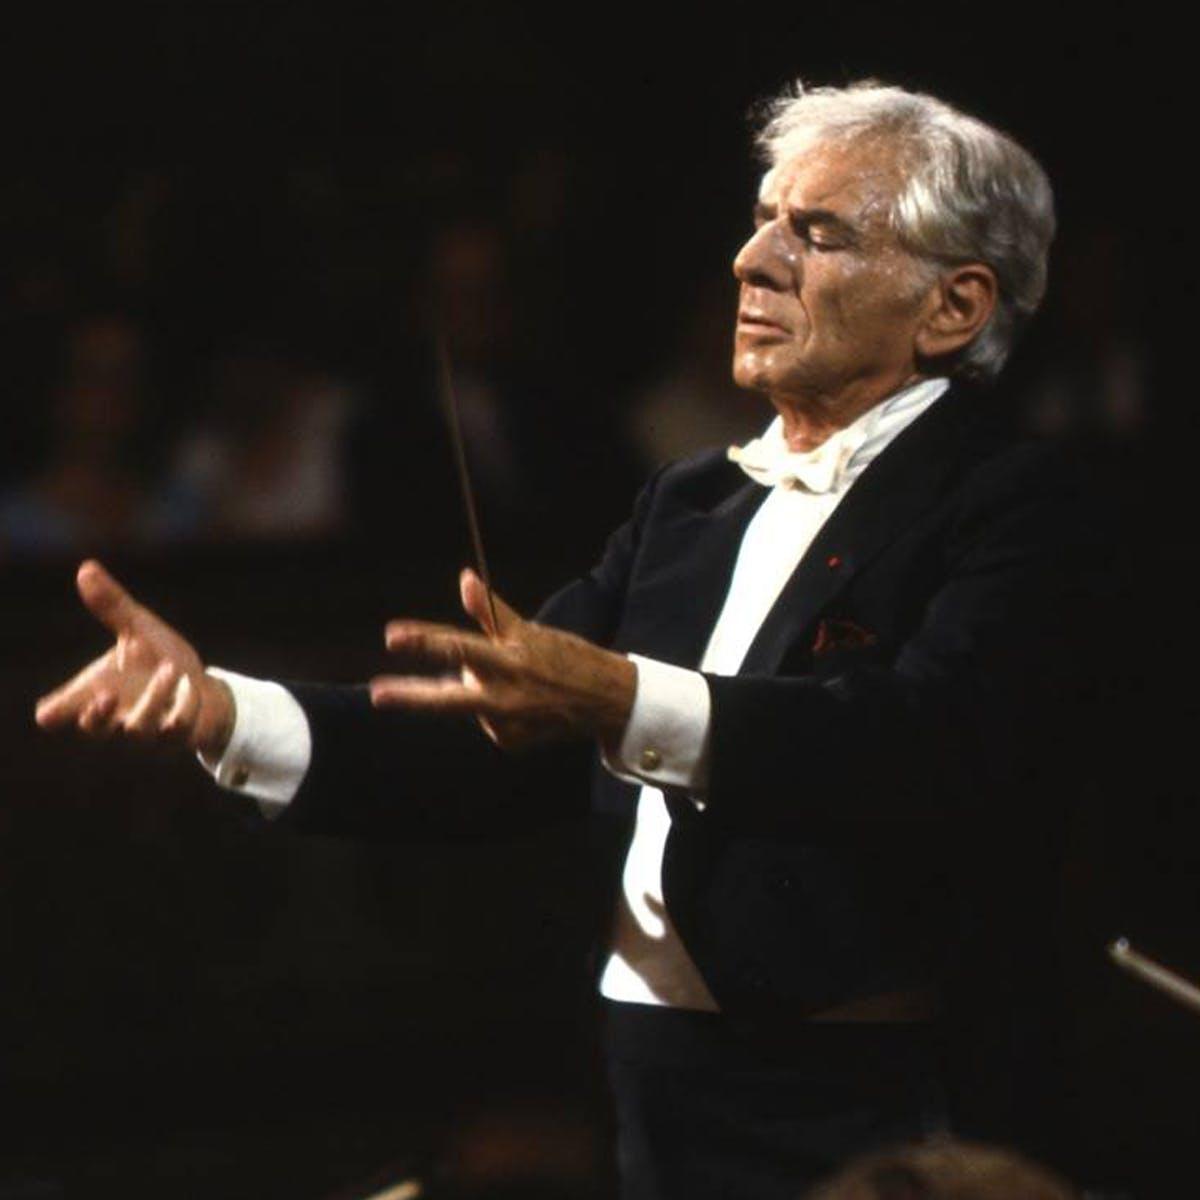 Leonard Bernstein conducts